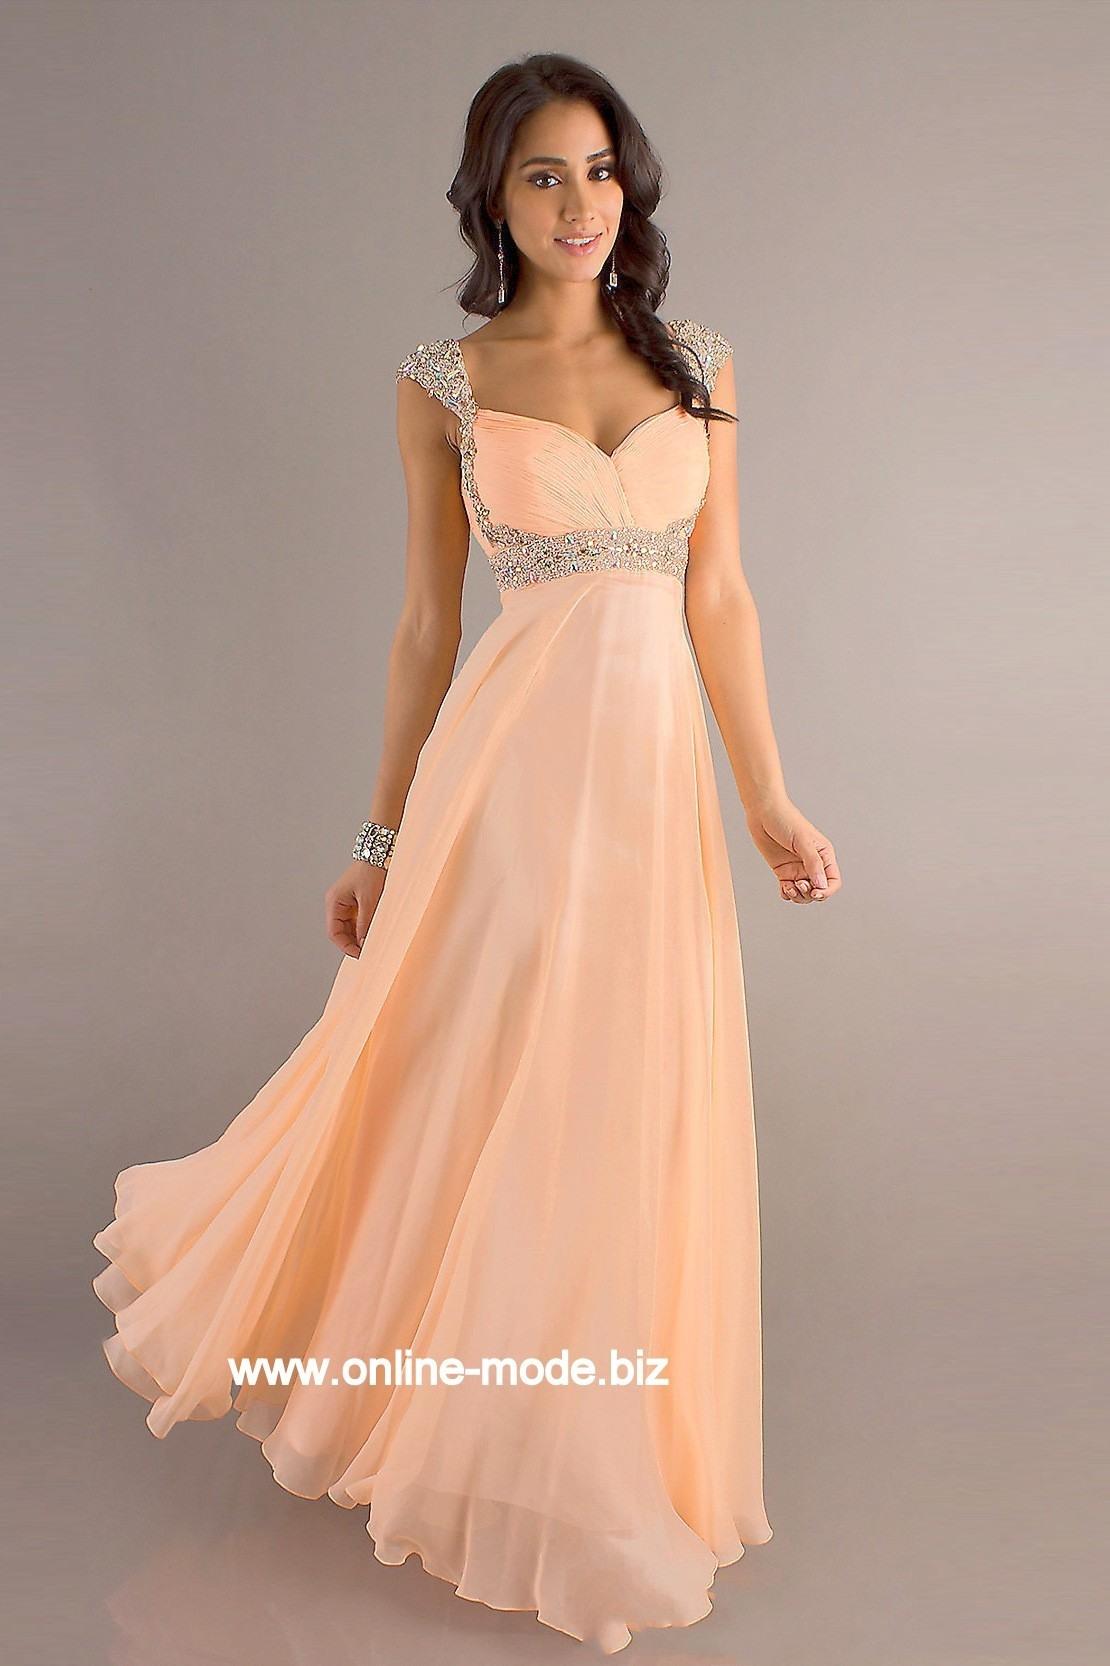 20 Schön Abendkleider C U A Design17 Luxus Abendkleider C U A Boutique